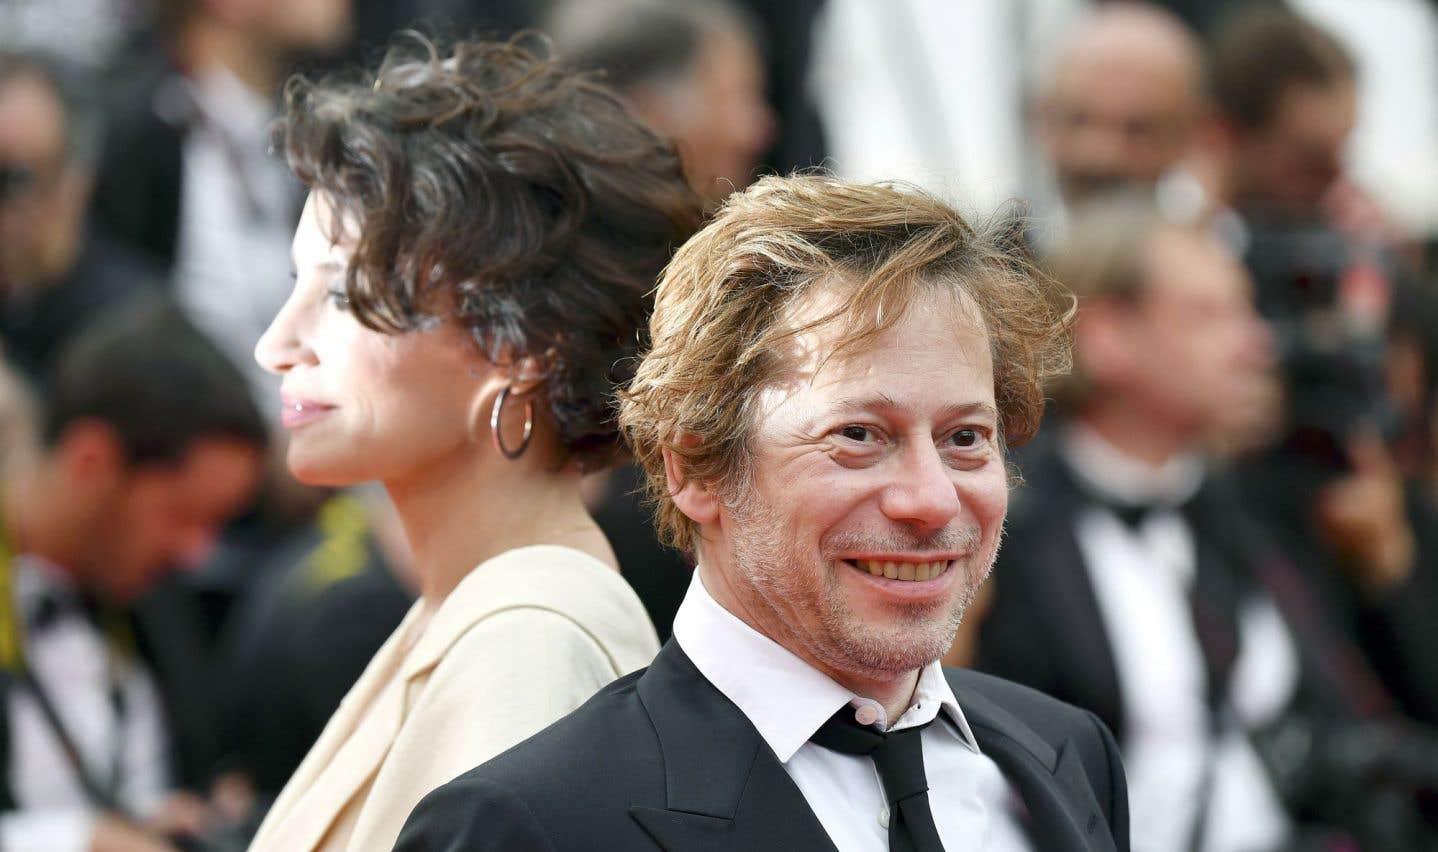 Festival de Cannes: vibrant hommage à la chanteuse Barbara